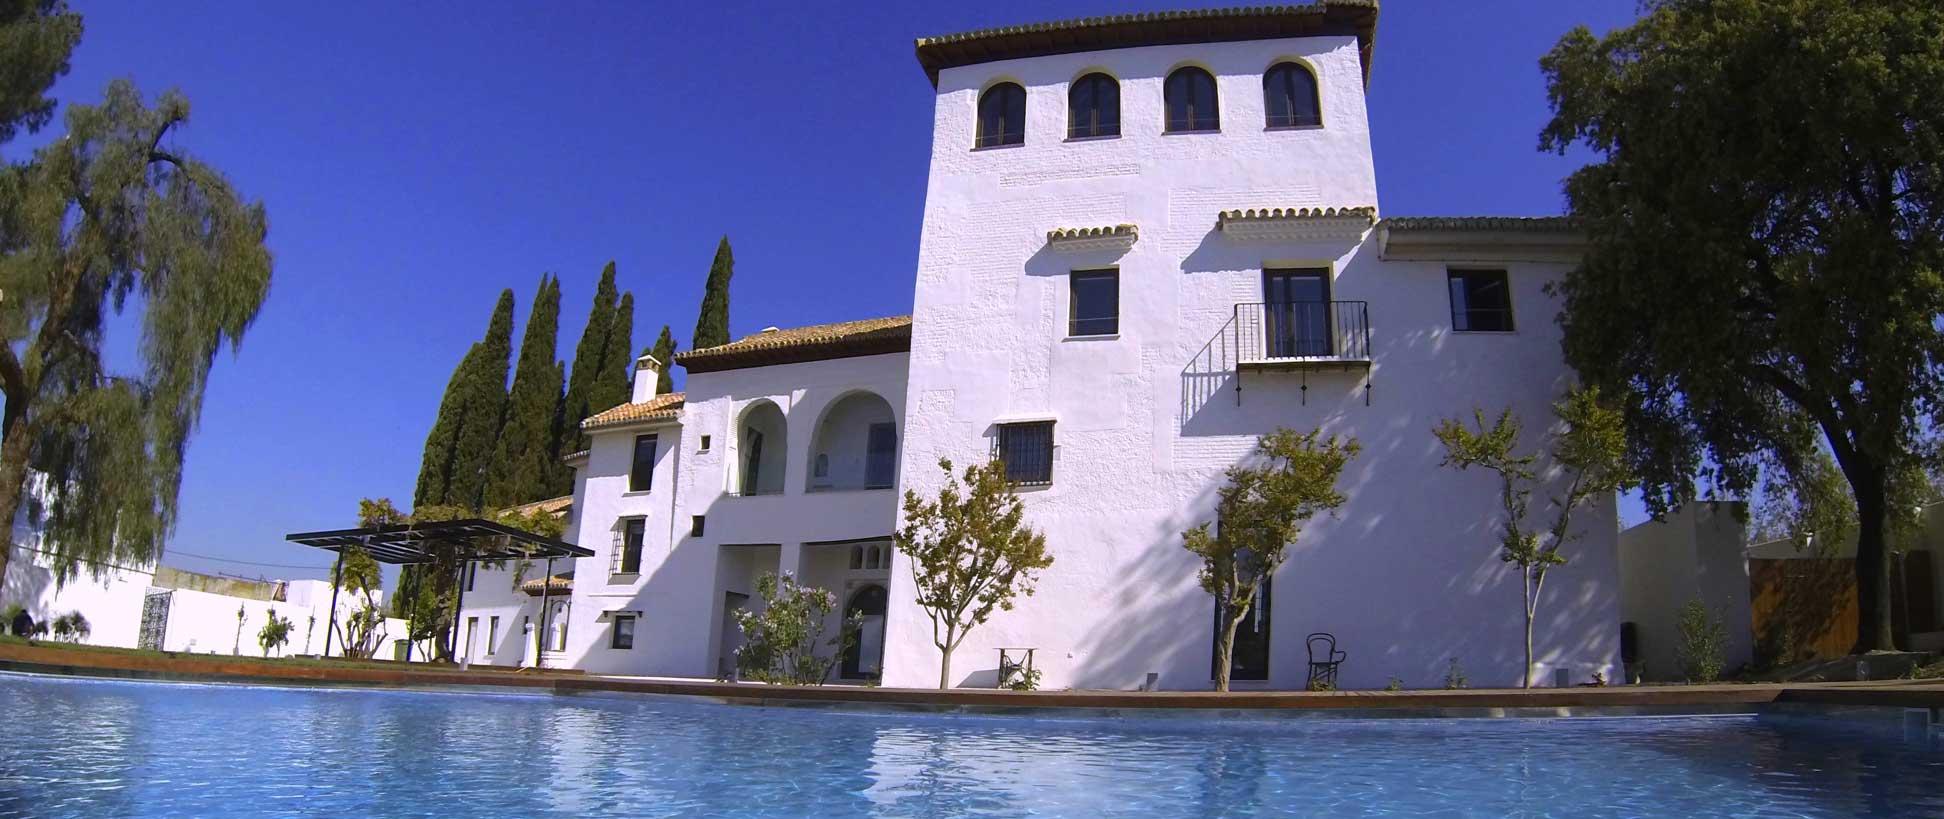 Almunia abrisud for Hotel granada piscina